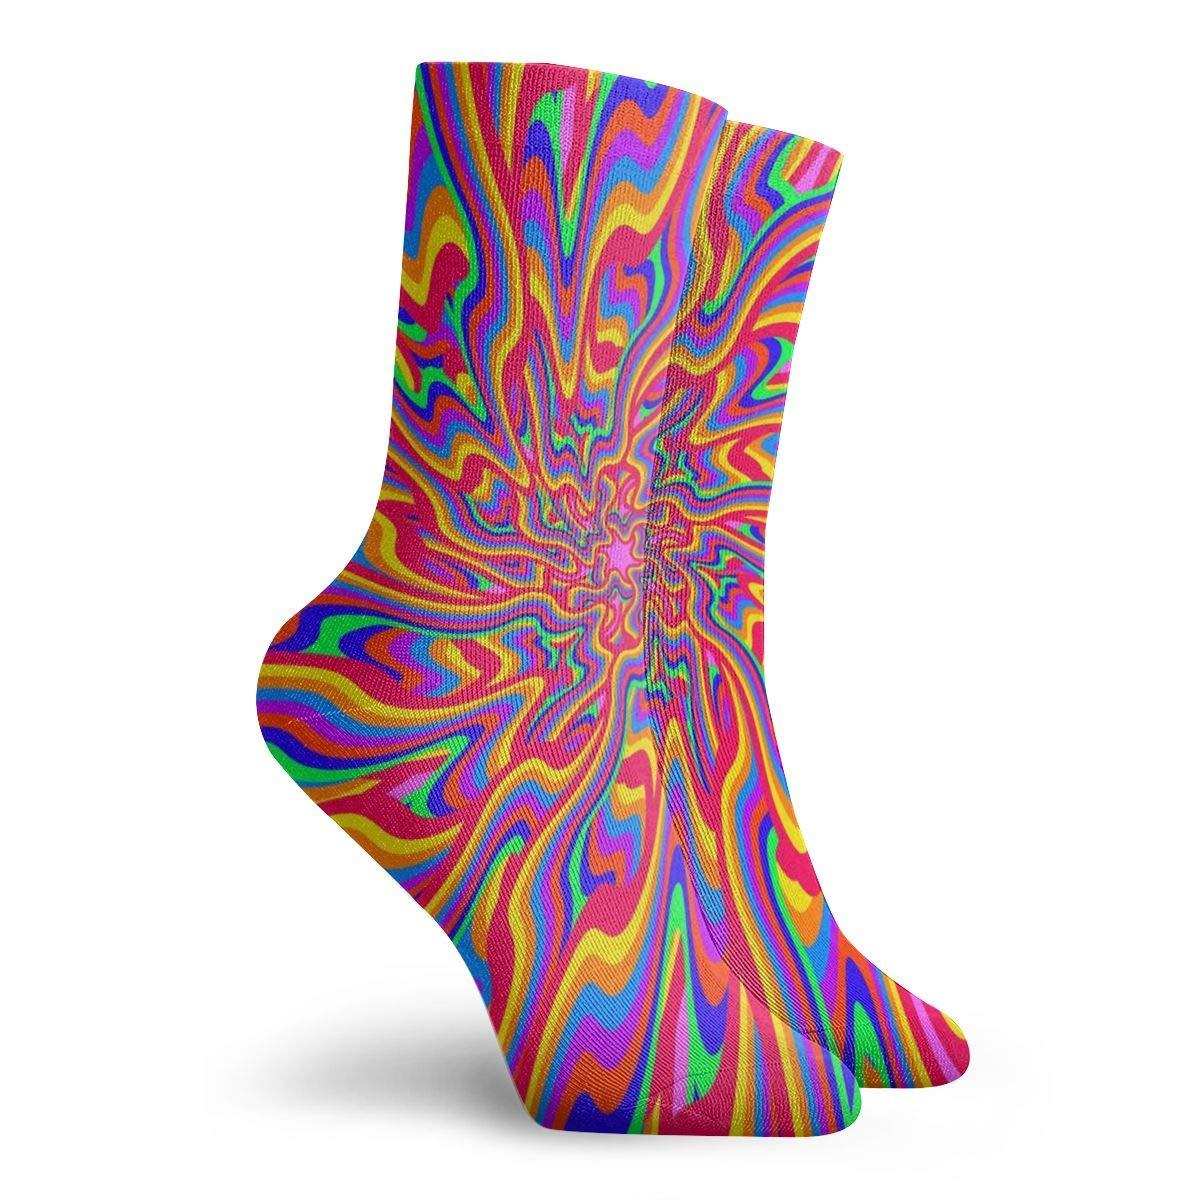 fond psych/éd/élique vif abstrait et color/é fabriqu/é dans un style old school Ale haung Chaussettes pour femmes taille 10-12